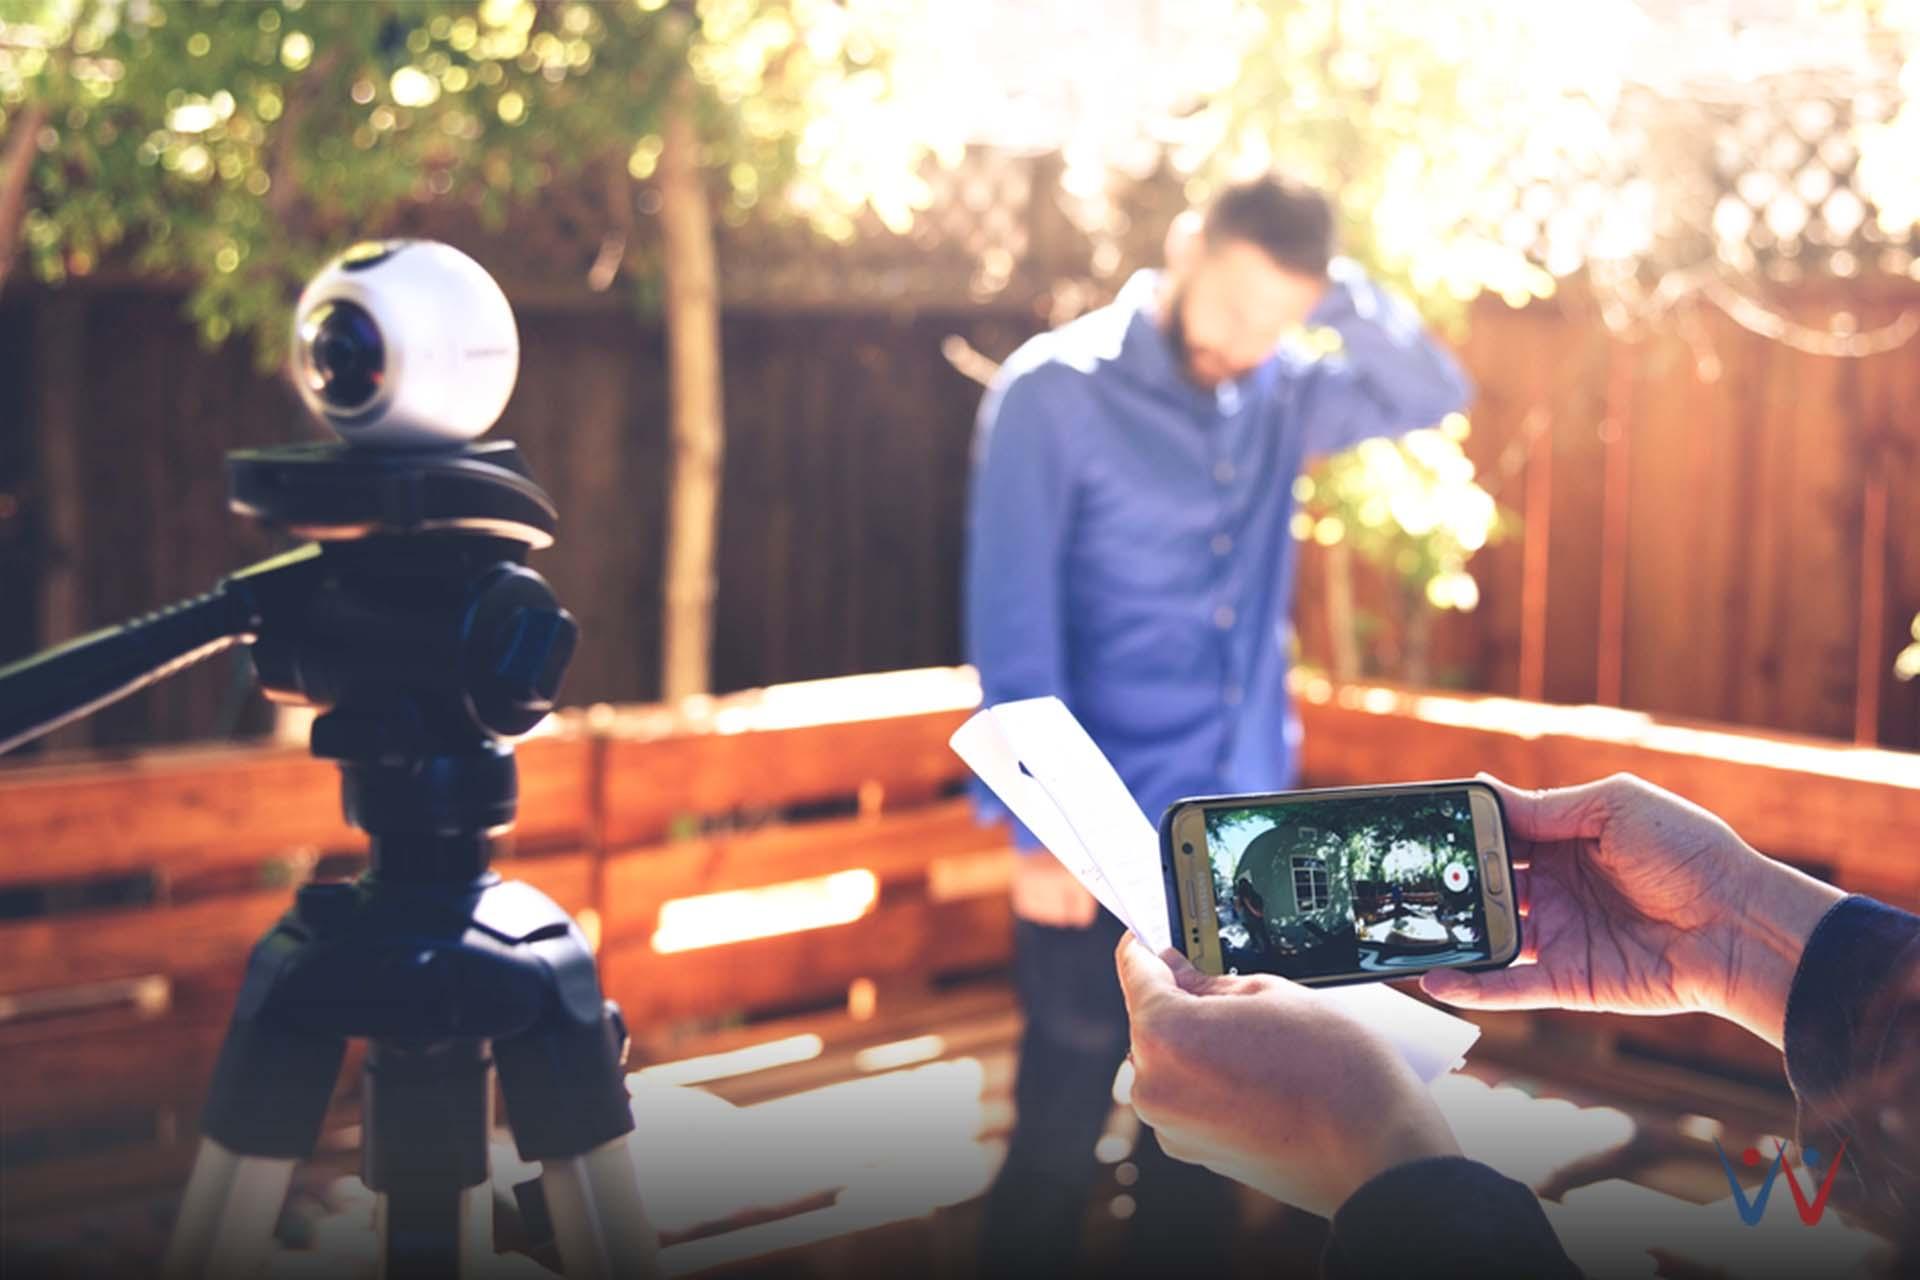 rekam video - smartphone - strategi marketing-media sosial - 6 Cara Upgrade Keuangan Lewat Media Sosial, Pernah Memikirkannya?-digital marketing-tips membuat cv-Batasi Kunjungan Situs Belanja Online-Hapus Aplikasi Belanja Online di Ponsel-3 Aplikasi Smartphone yang Bikin Kamu Gagal Hemat-Strategi Bisnis Offline Agar Tidak Punah di Zaman E-commerce